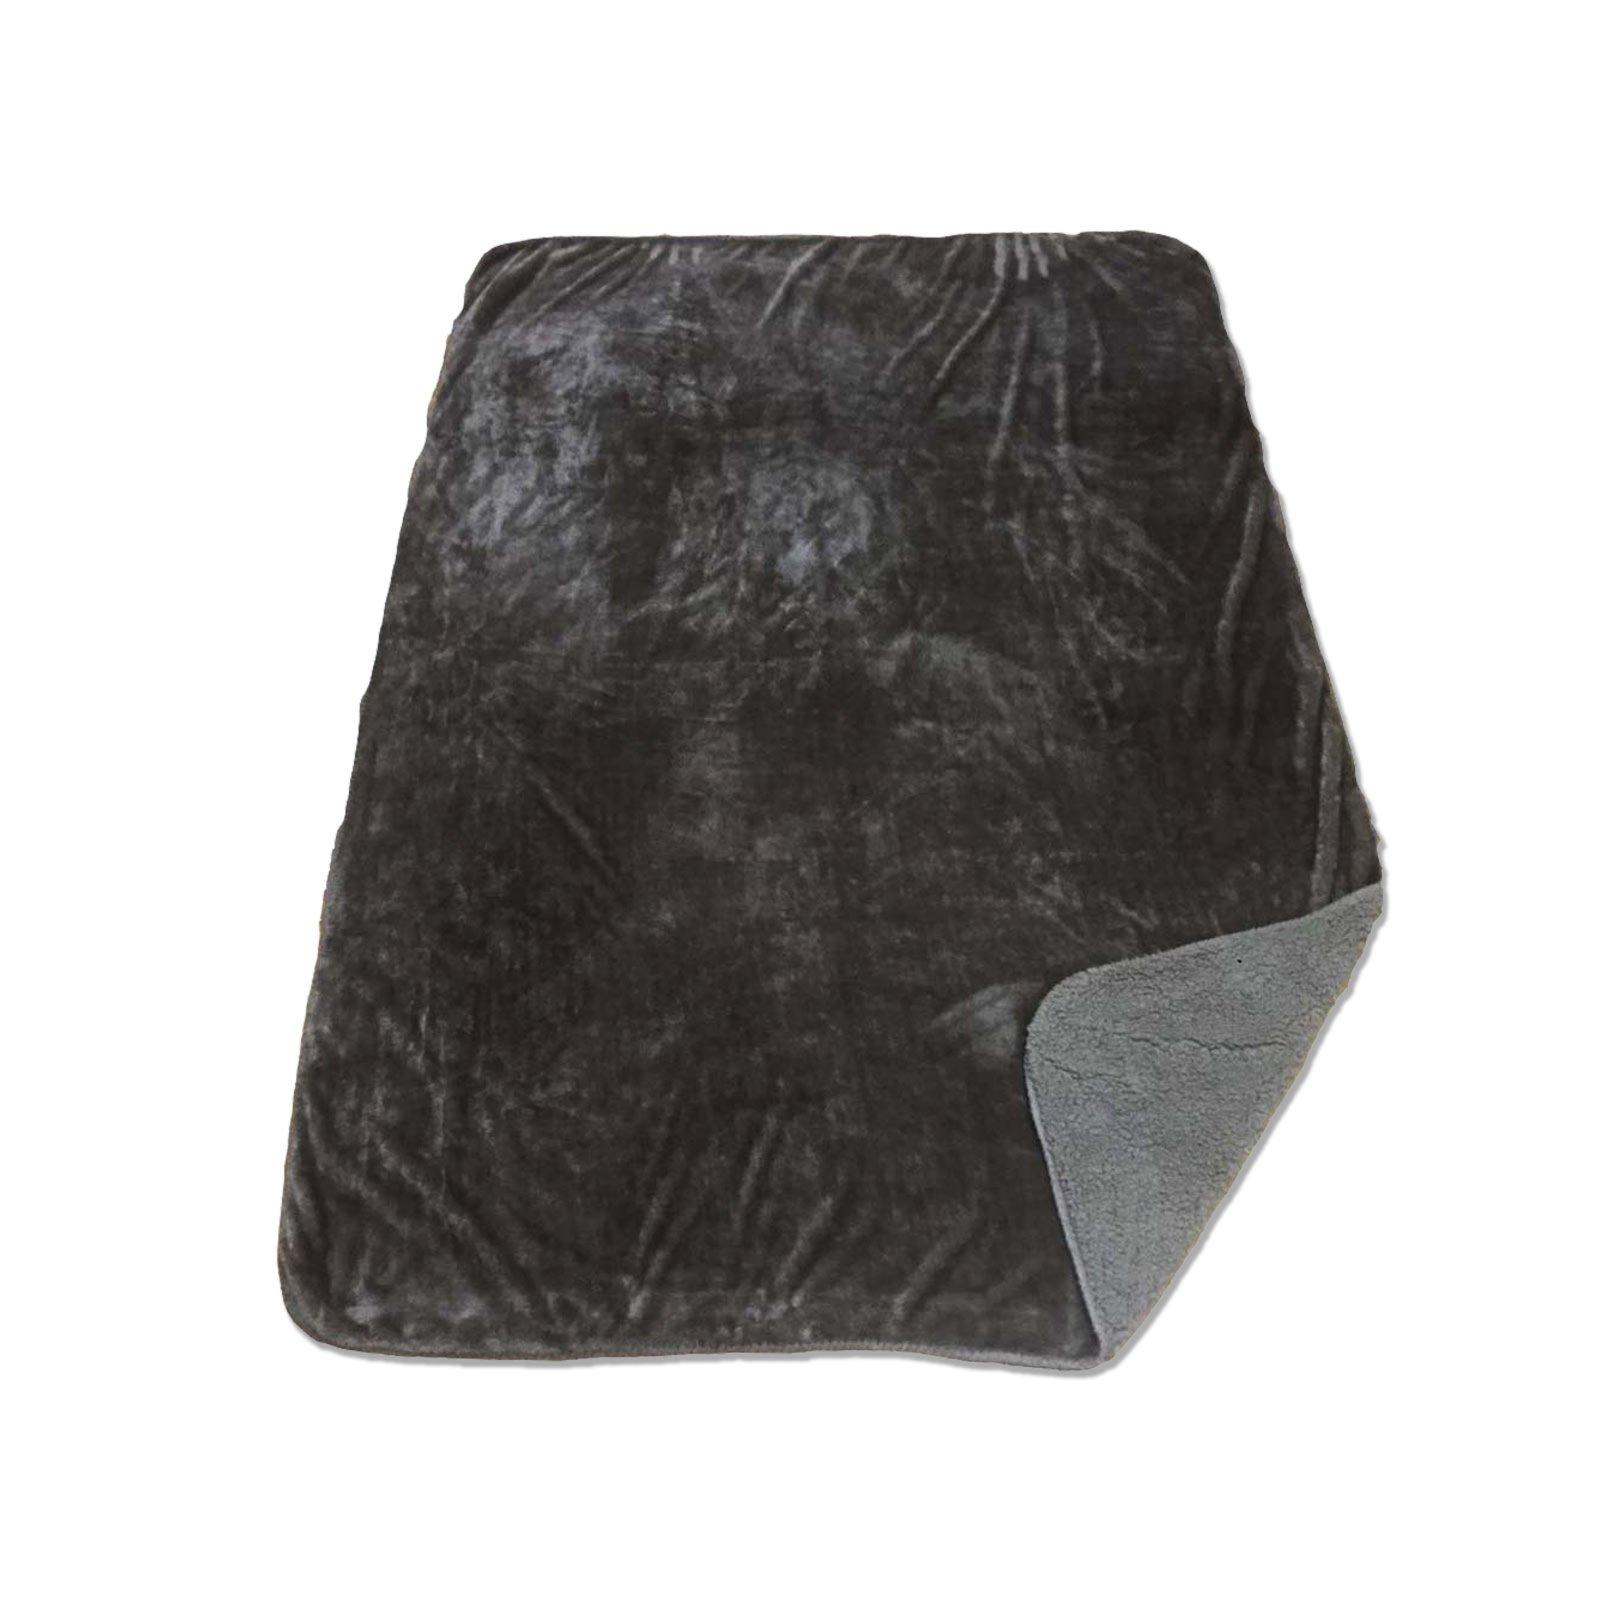 kuscheldecke bristol taupe lammfelloptik 140x200 cm wohndecken fleecedecken. Black Bedroom Furniture Sets. Home Design Ideas